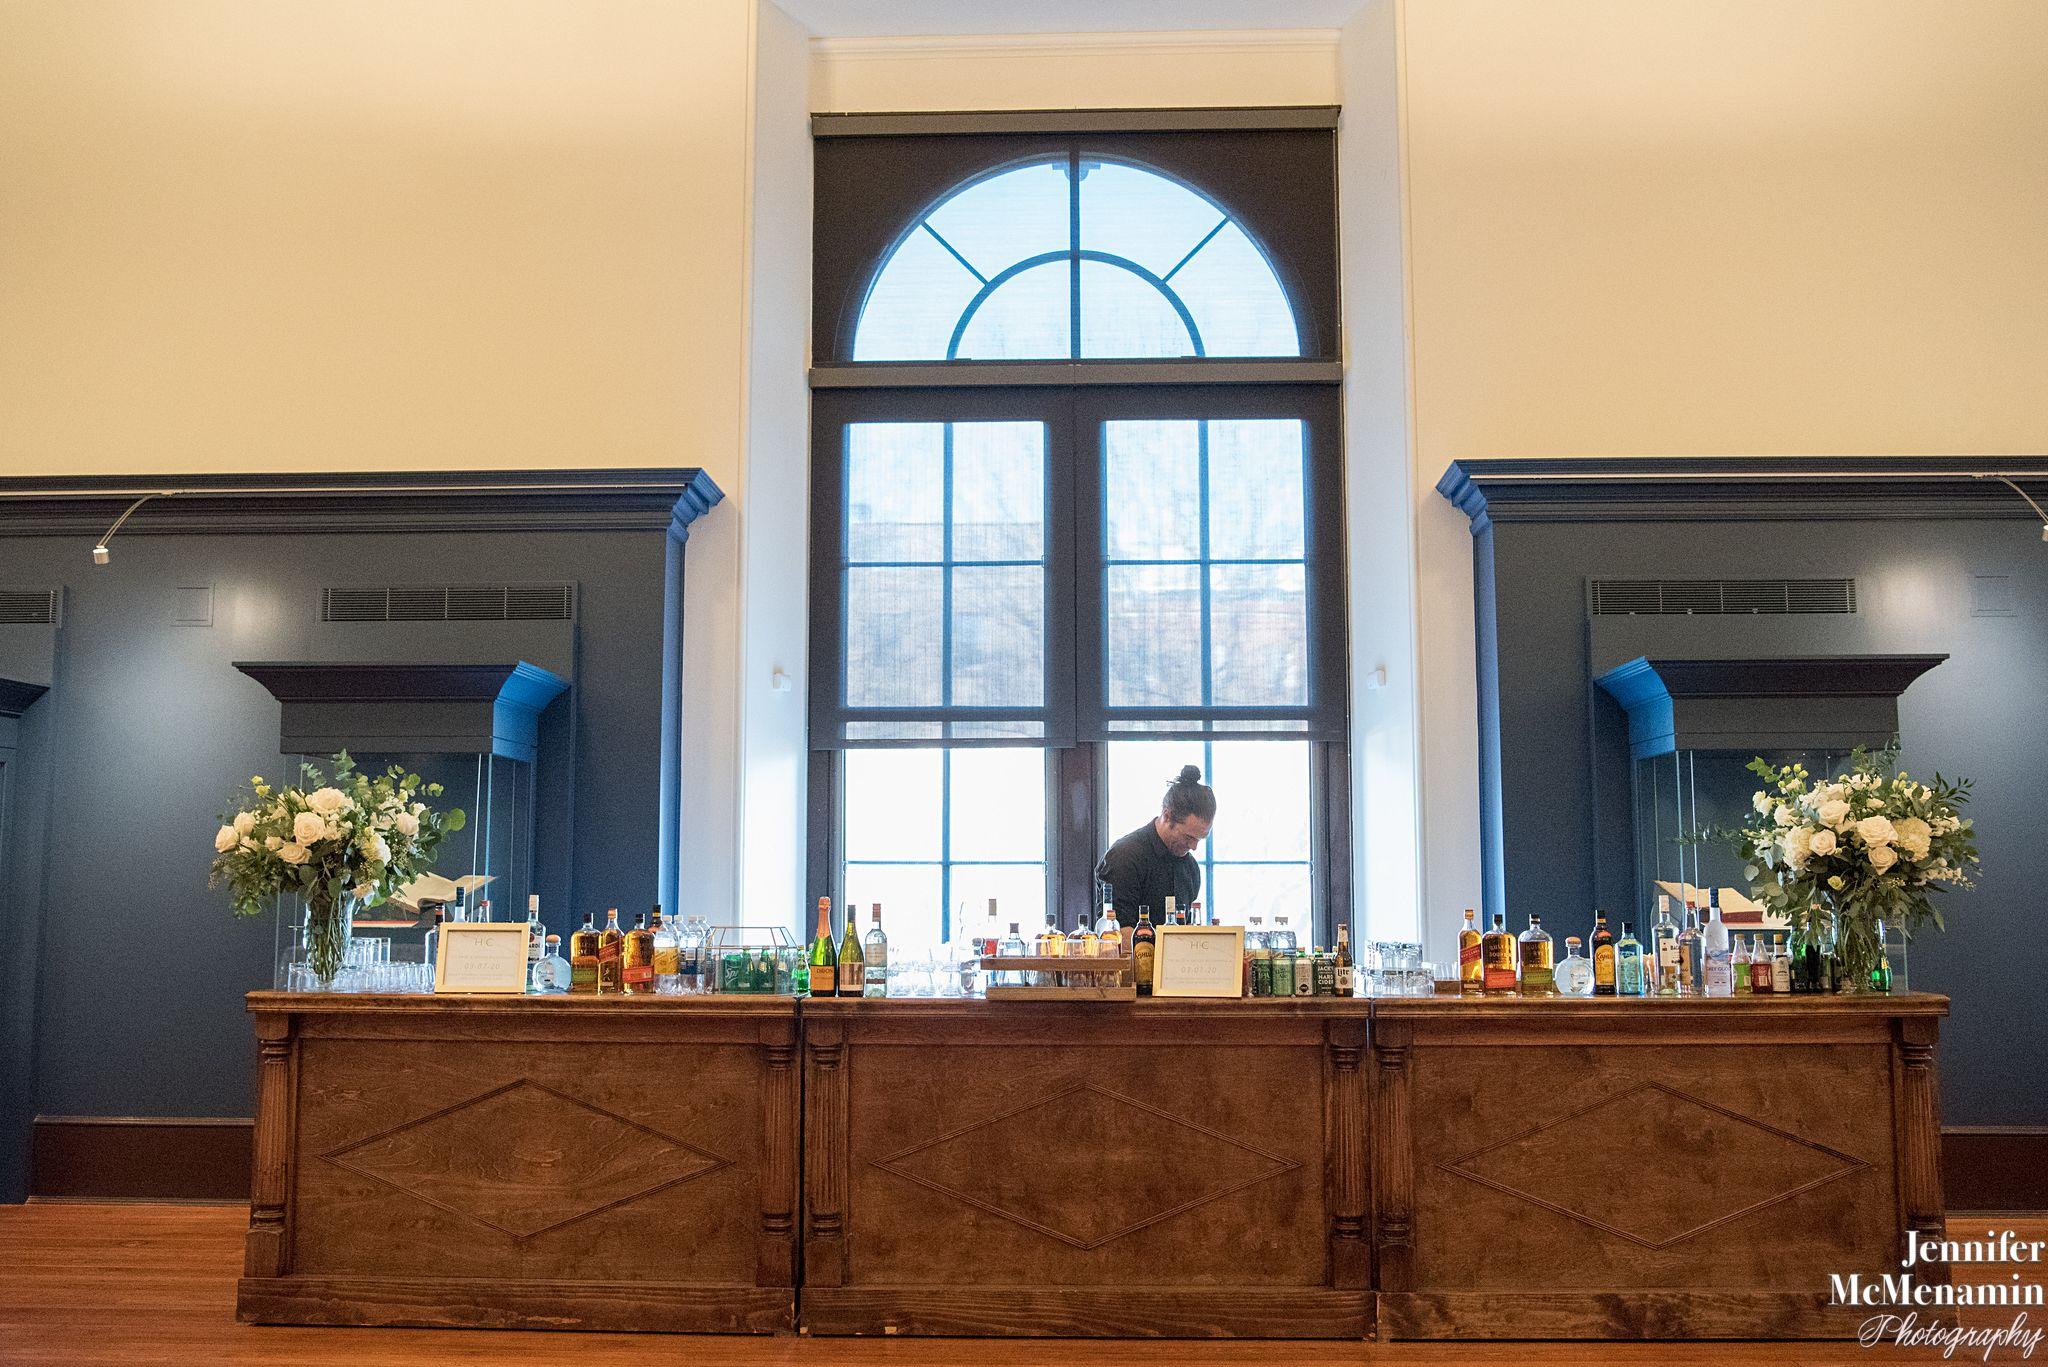 wooden bar set up in exhibit gallery